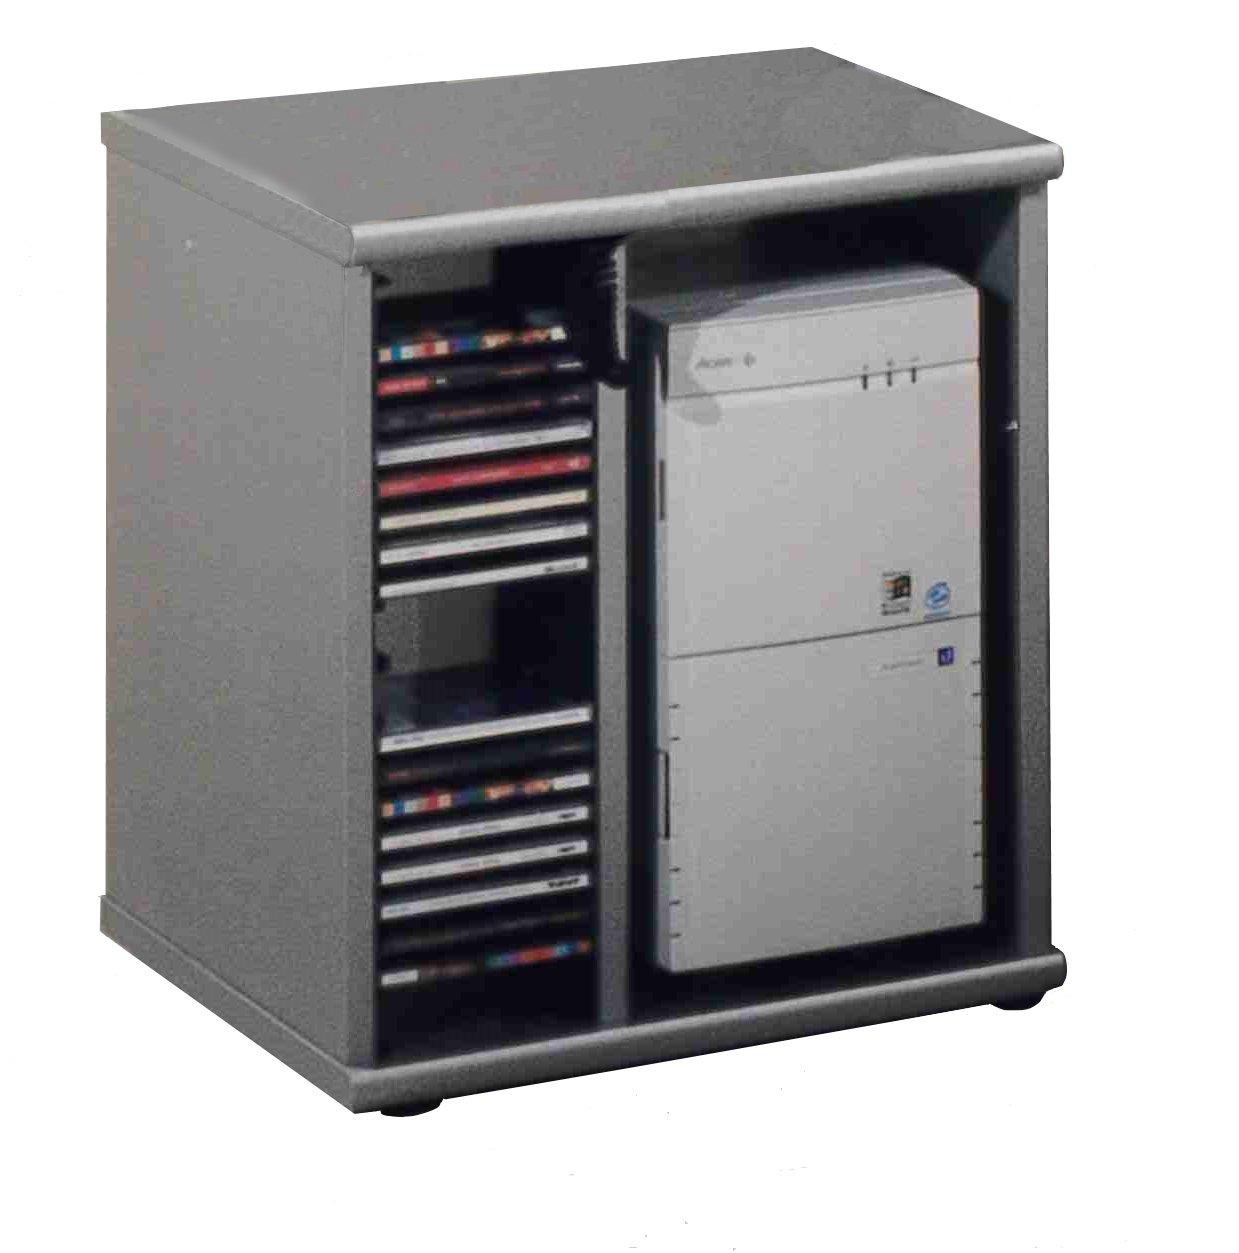 Büroeinrichtung Büromöbel Aktenschrank Aktenregal Buche Alu - Dekor Schreibtisch PC-Tisch Container (PC-Container HA682-4)